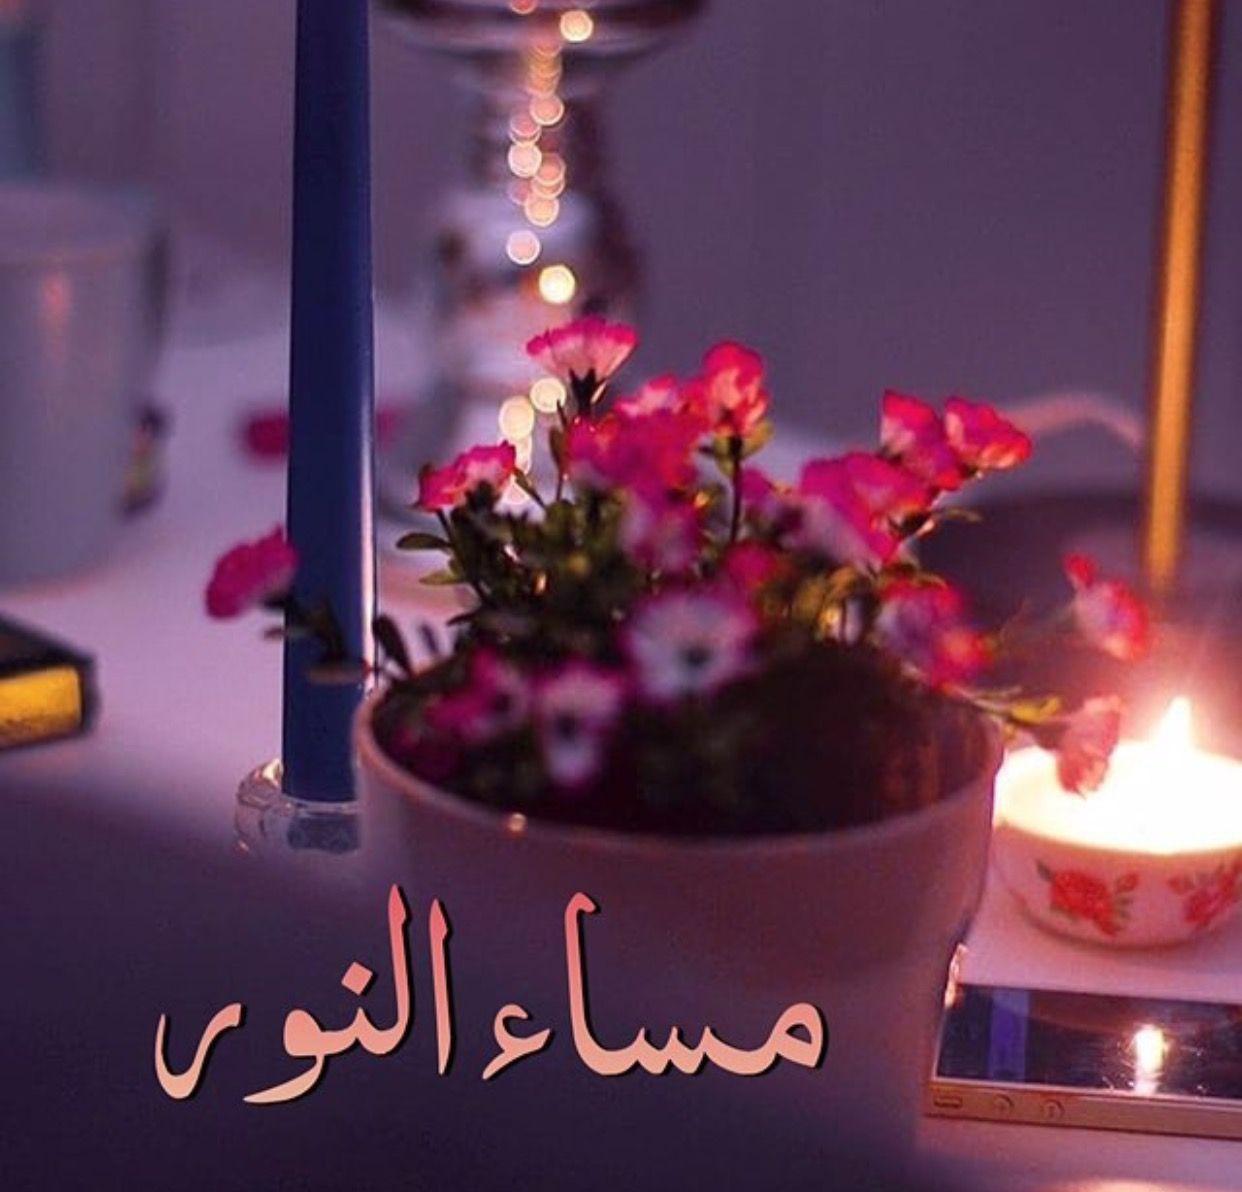 صورة صور مساء السعاده , مساء يحمل الحب و الى اعز الناس